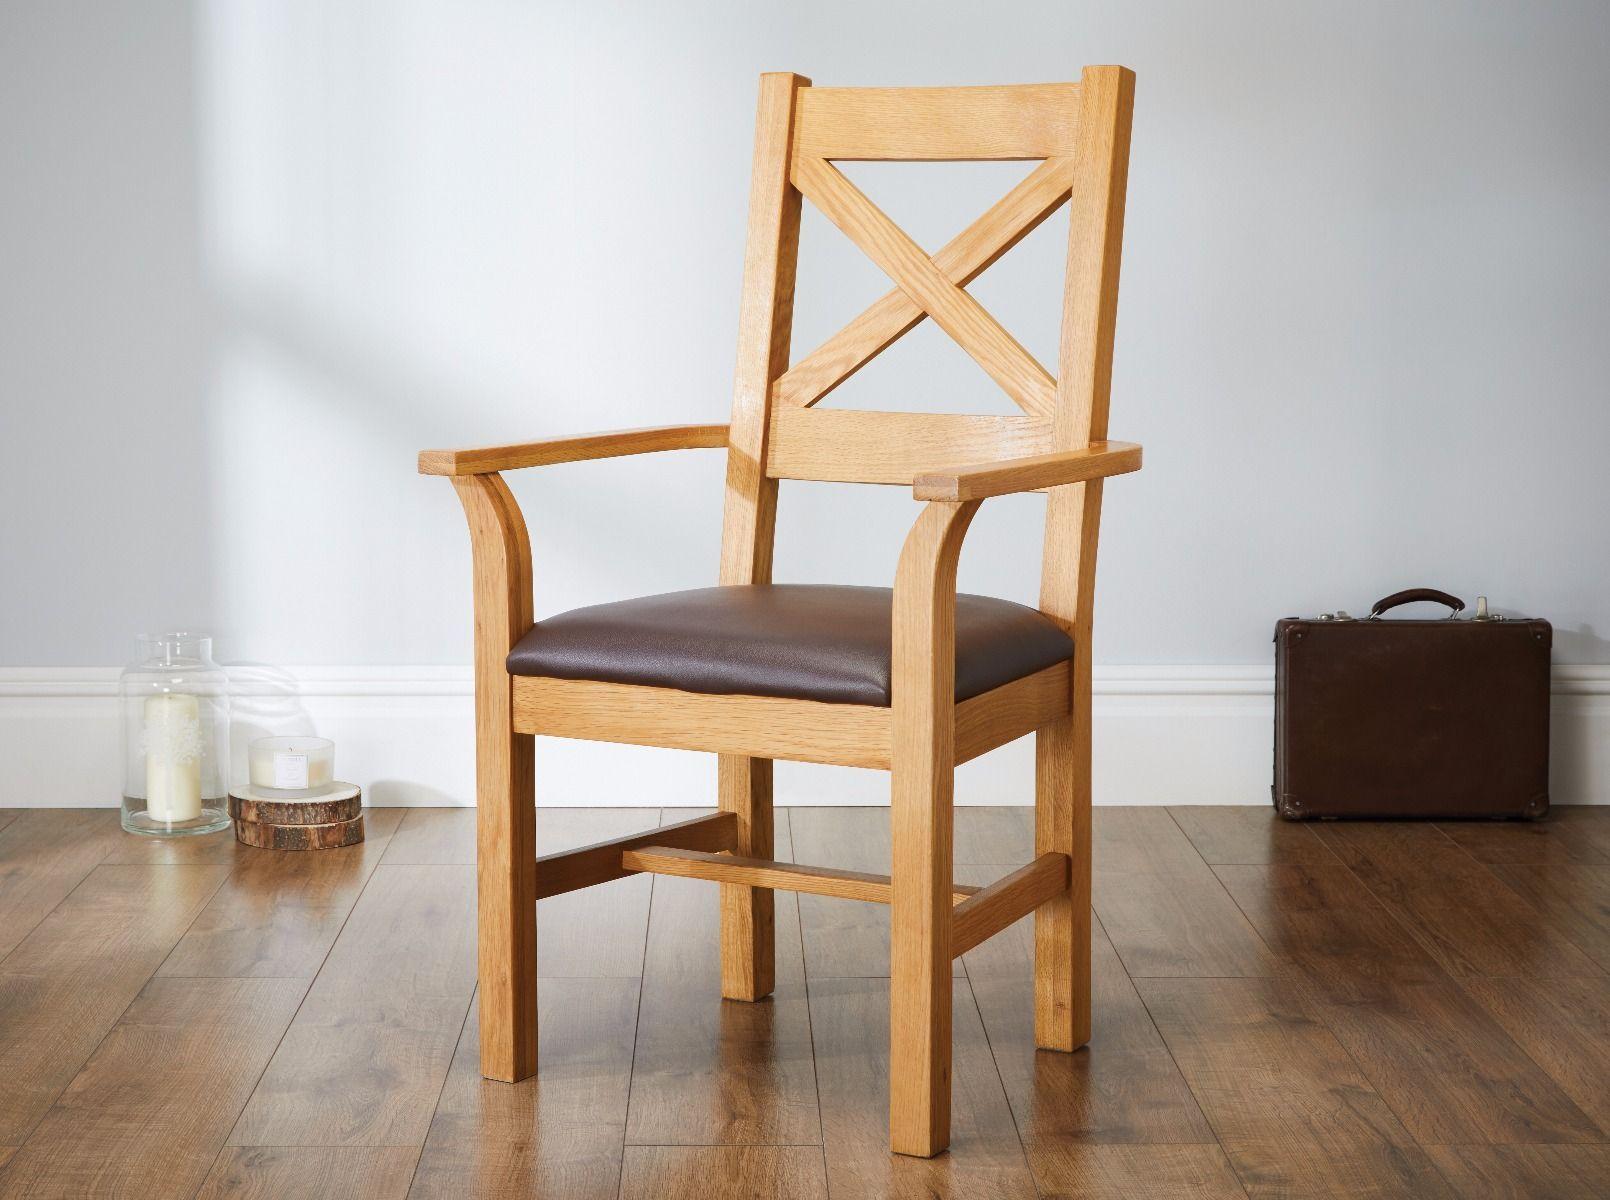 Medium Eiche Esszimmer Stühle, Eiche Massiv Stühle Zum